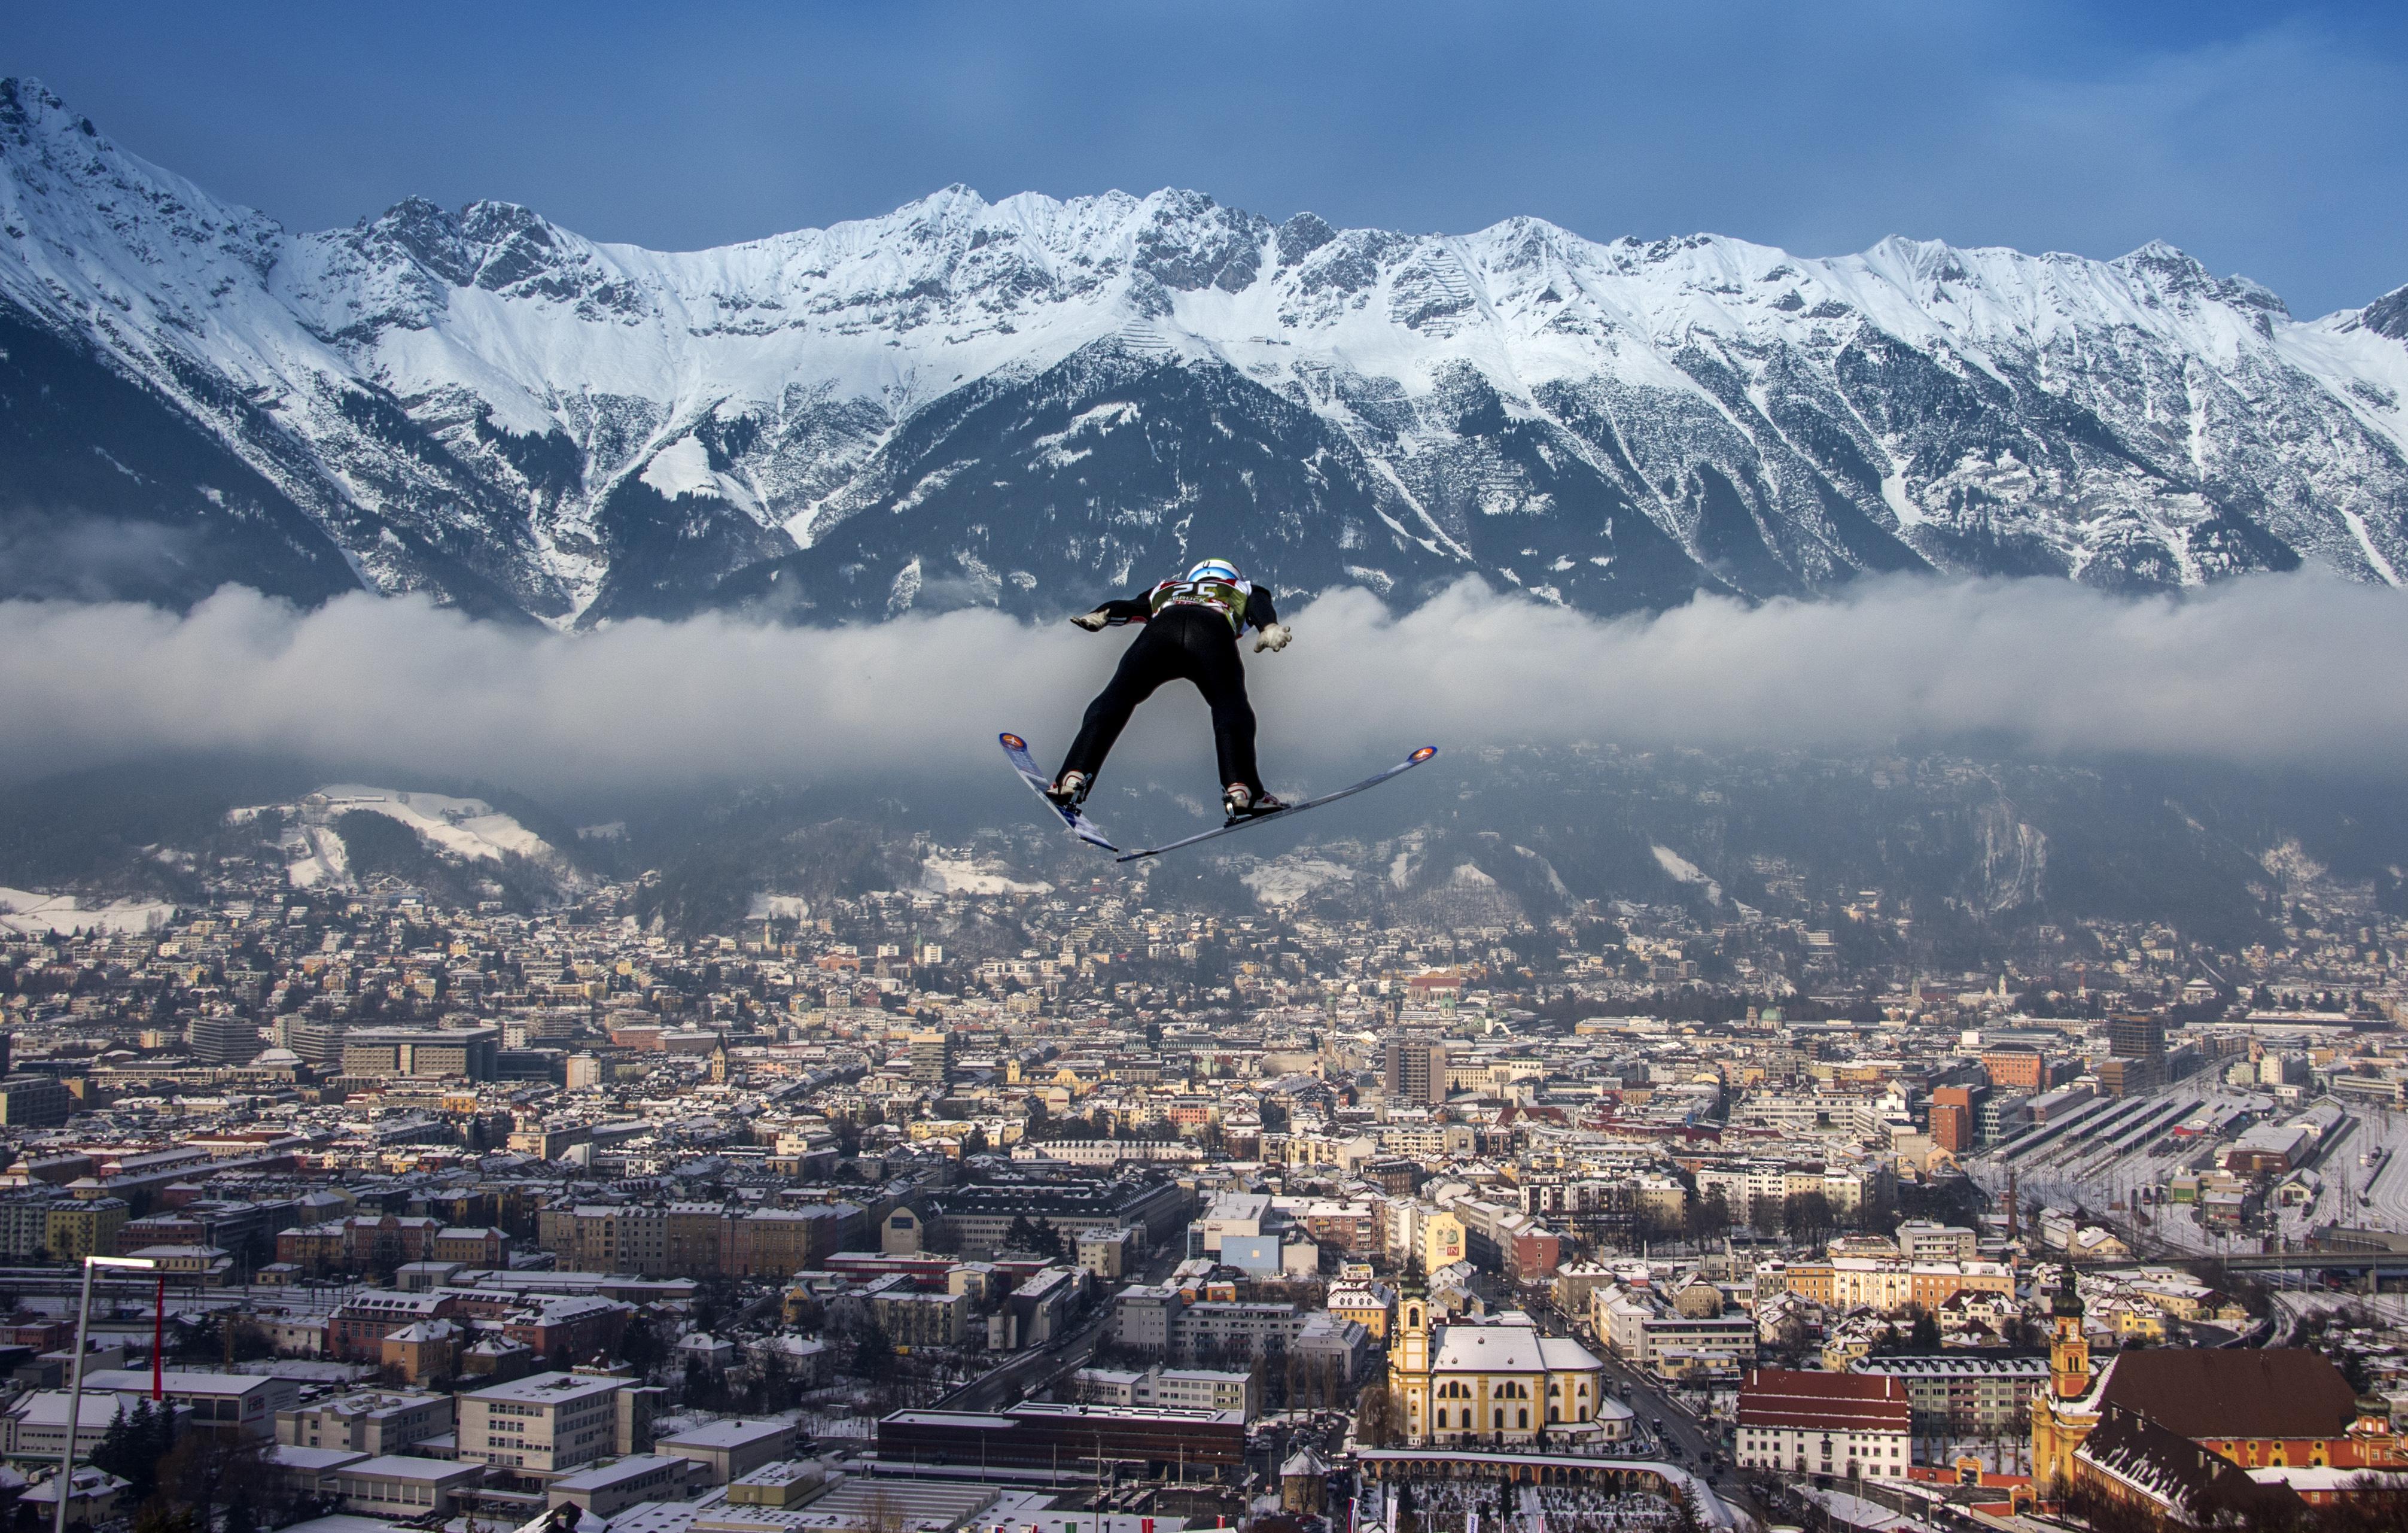 Innsbruckban szavazni fognak arról, tényleg pályázzanak-e a 2026-os téli olimpia megrendezésére